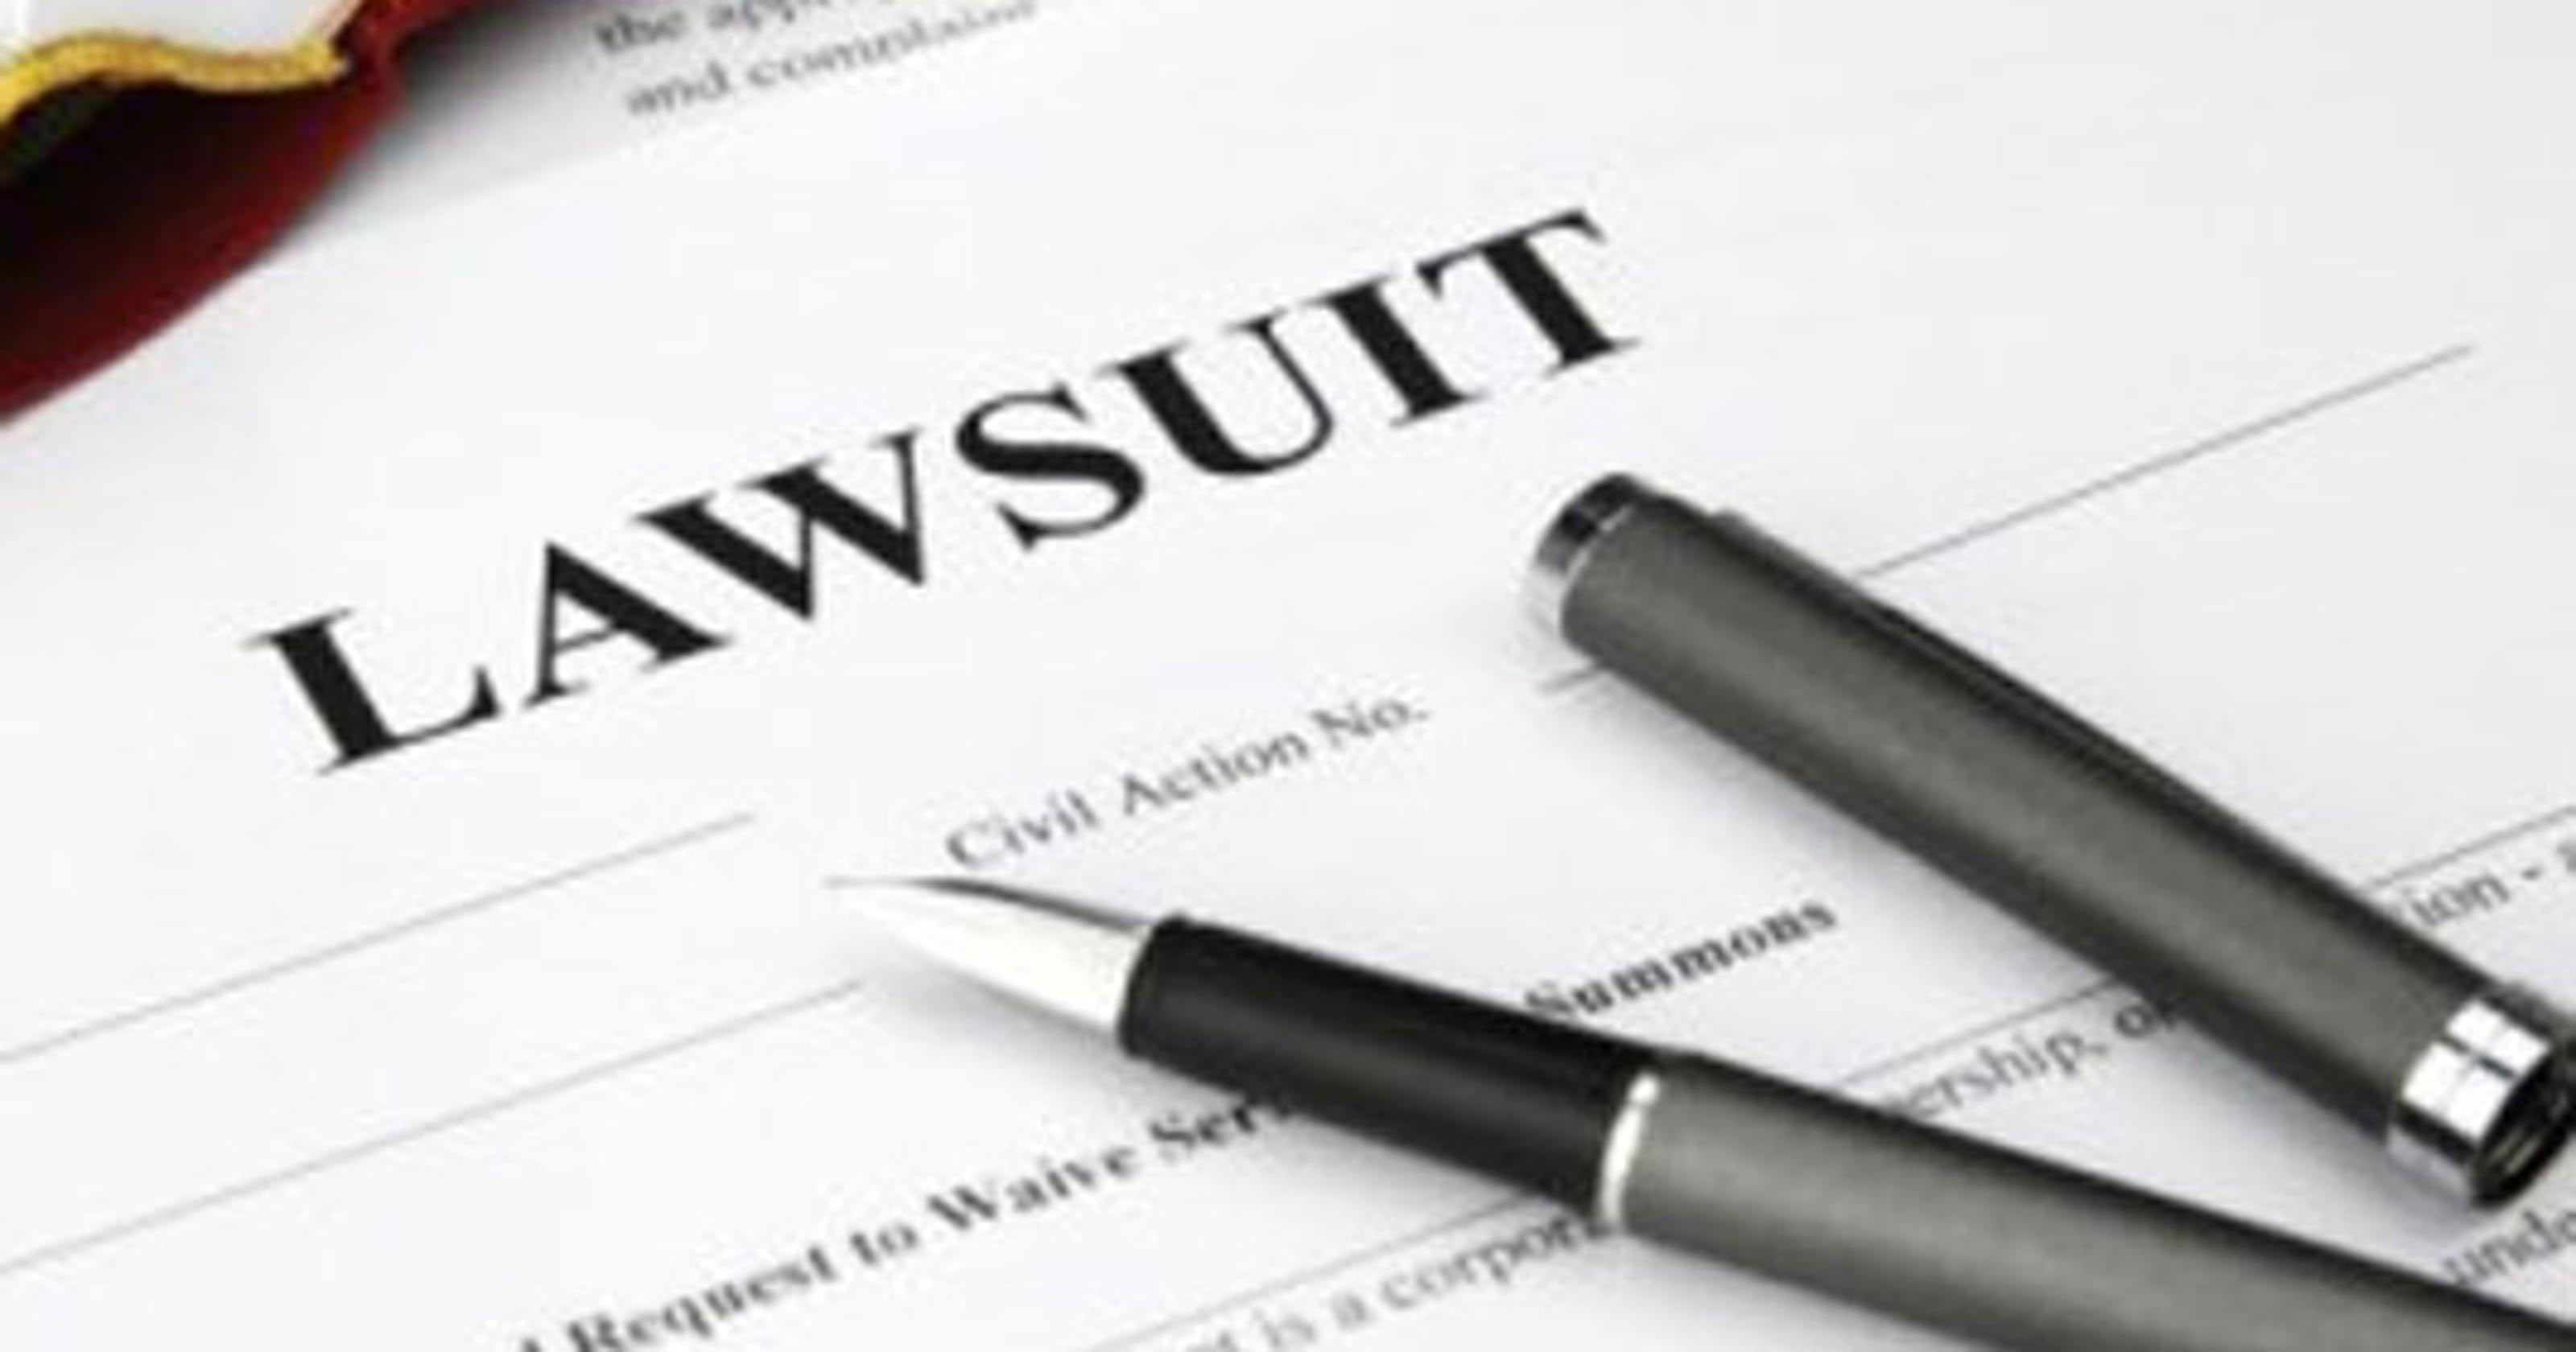 1072bc4a26d7 Man sues surgery center over pink panties